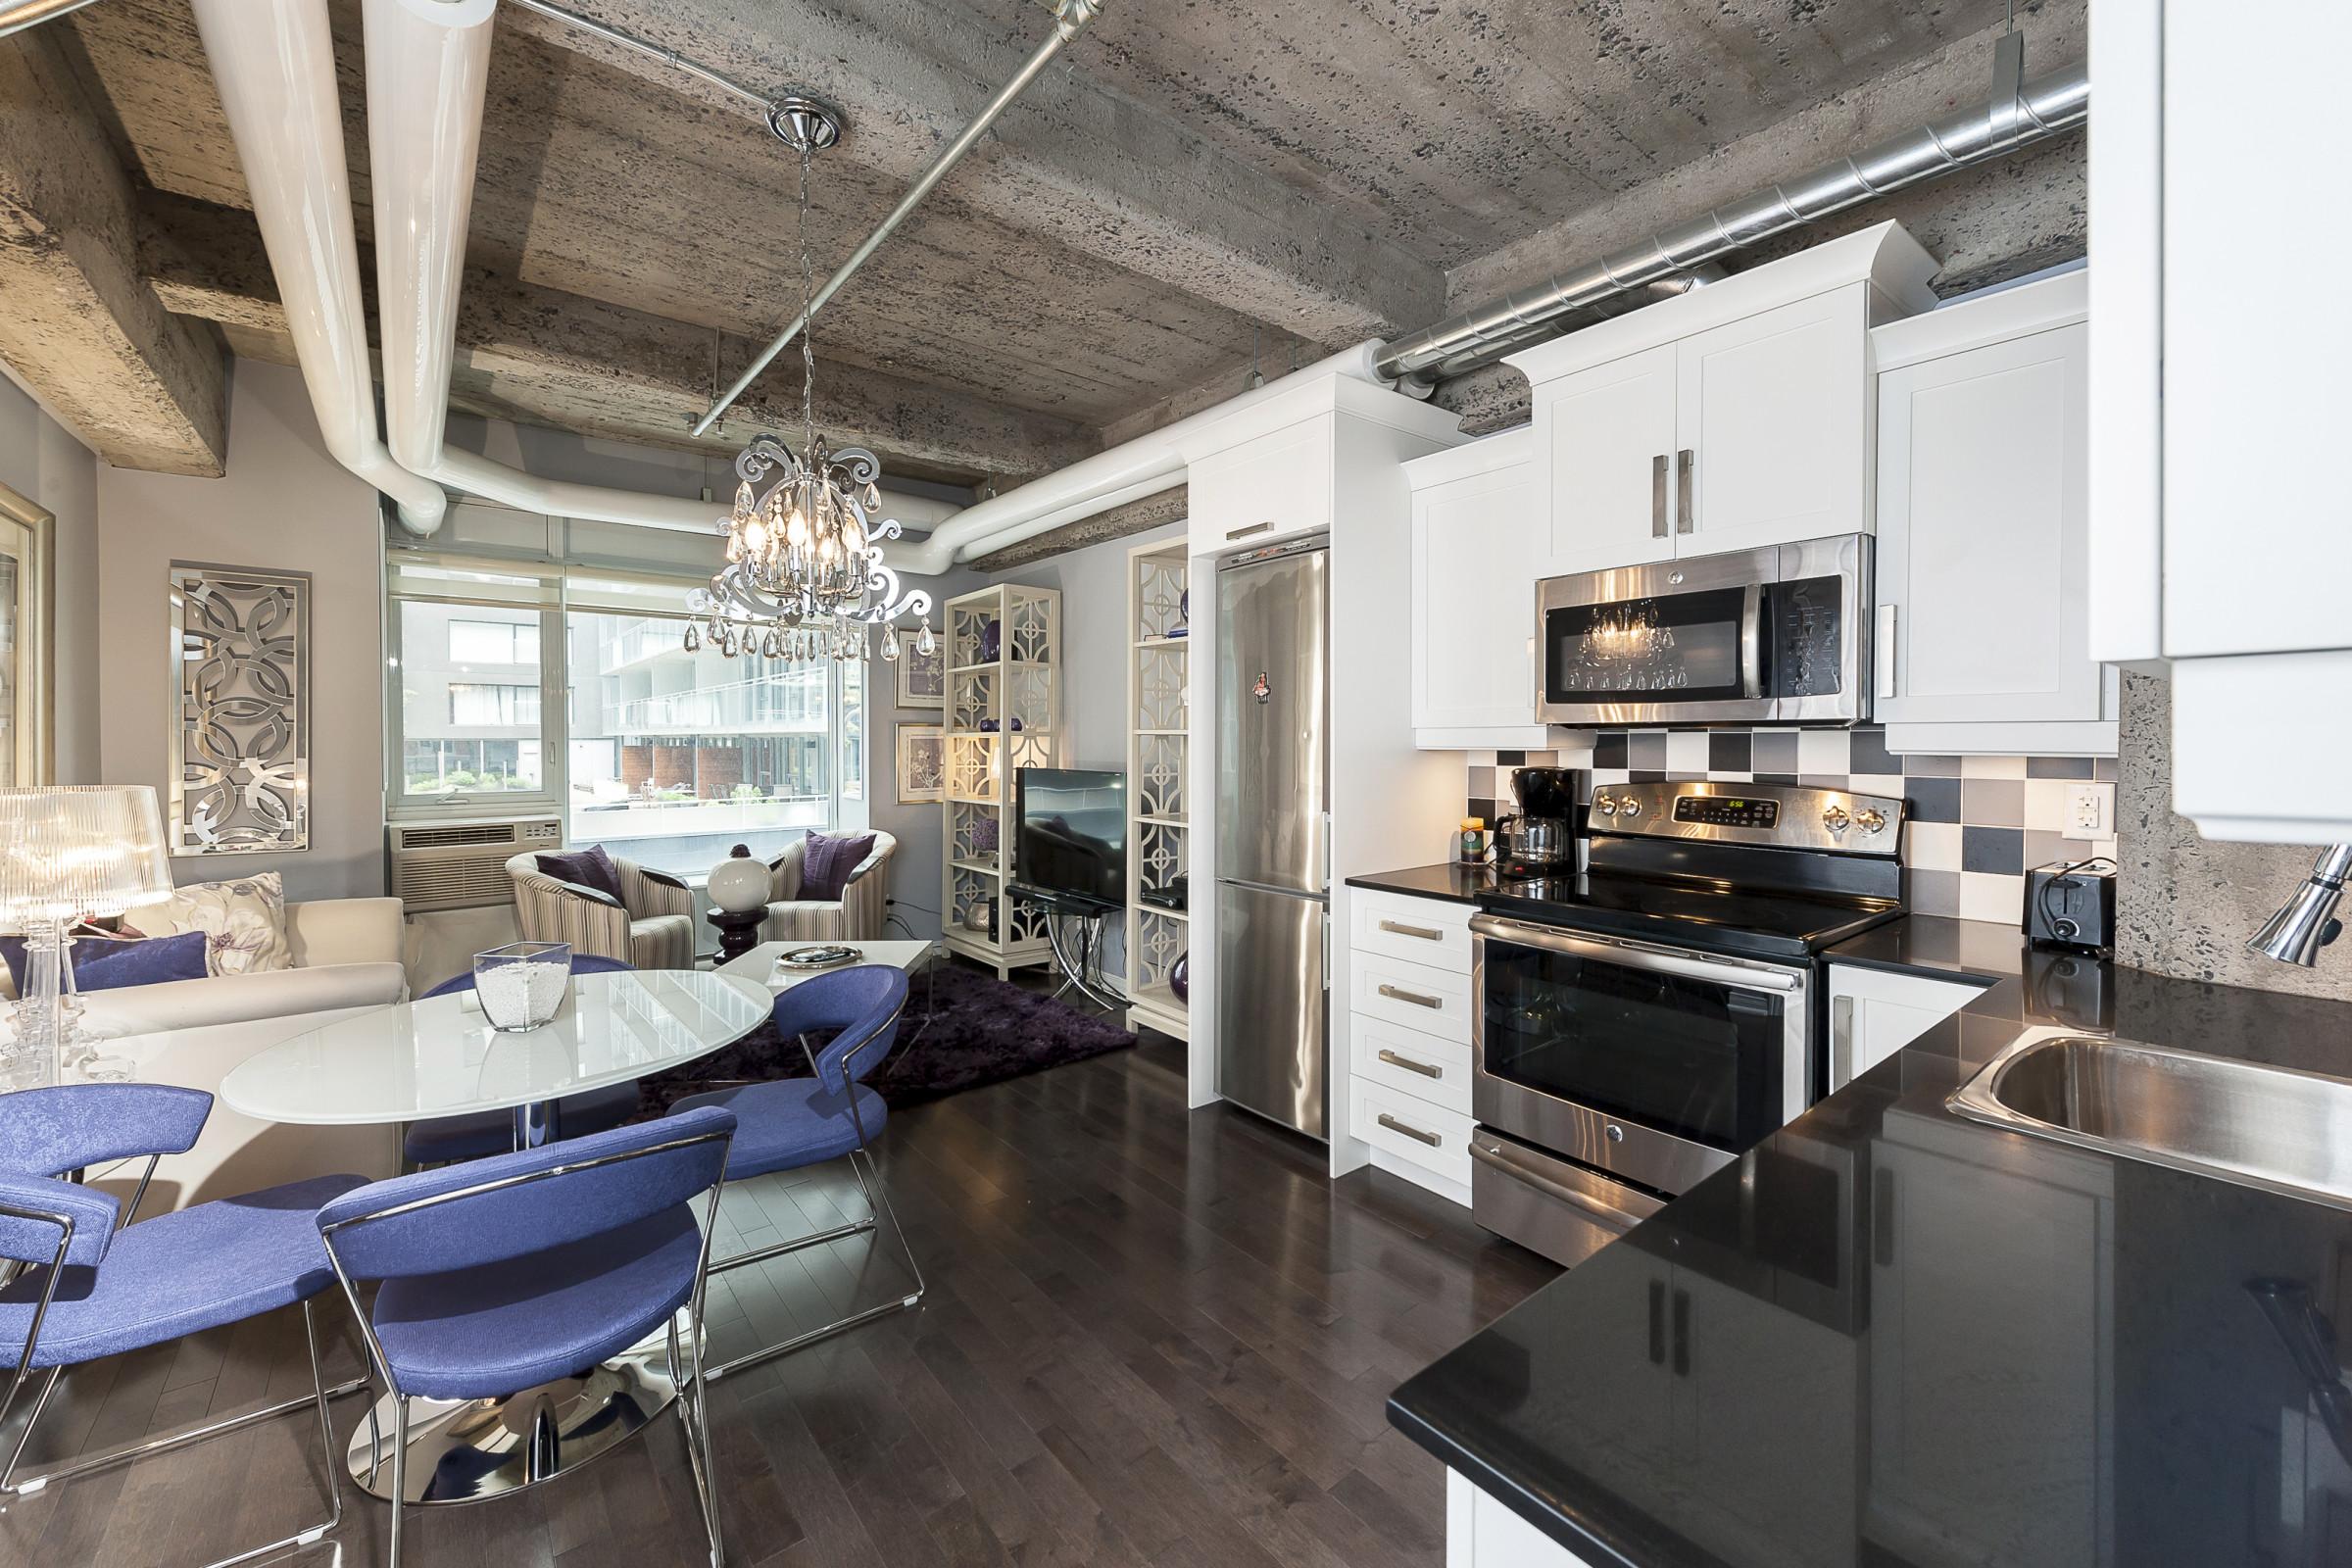 Situé Au Centre Ville De Montréal Près De La Place Des Arts Sur La Rue  Mayor, Ce Loft Luxueux De 595 Pieds Carrés Comprend 1 Chambre Et Une Sdb.